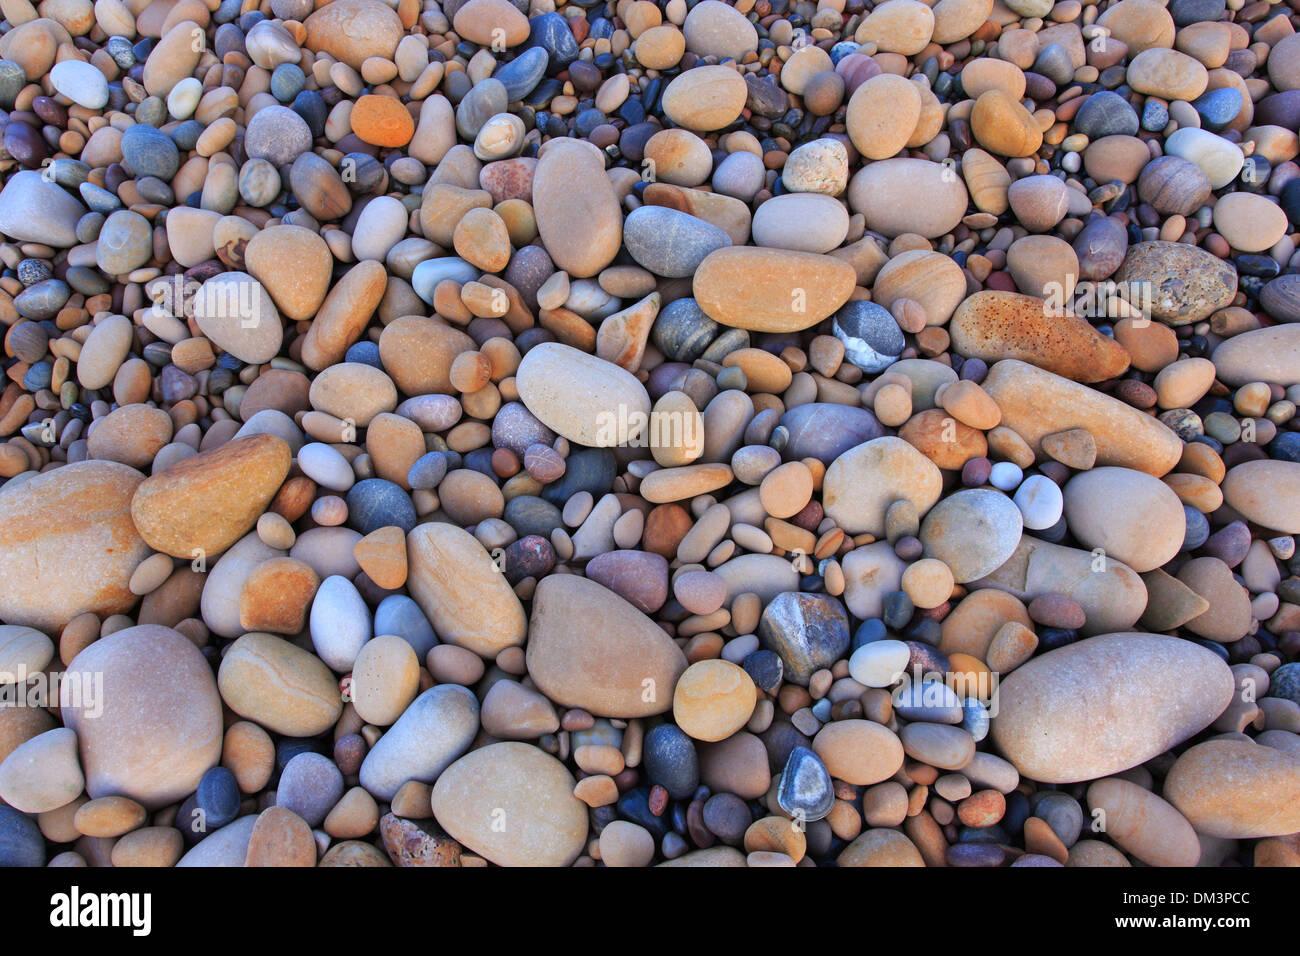 Dettaglio erosione forma forme forme rock Gran Bretagna Europa costa di sfondo il mare di massa quantità folla natura pattern nord Immagini Stock